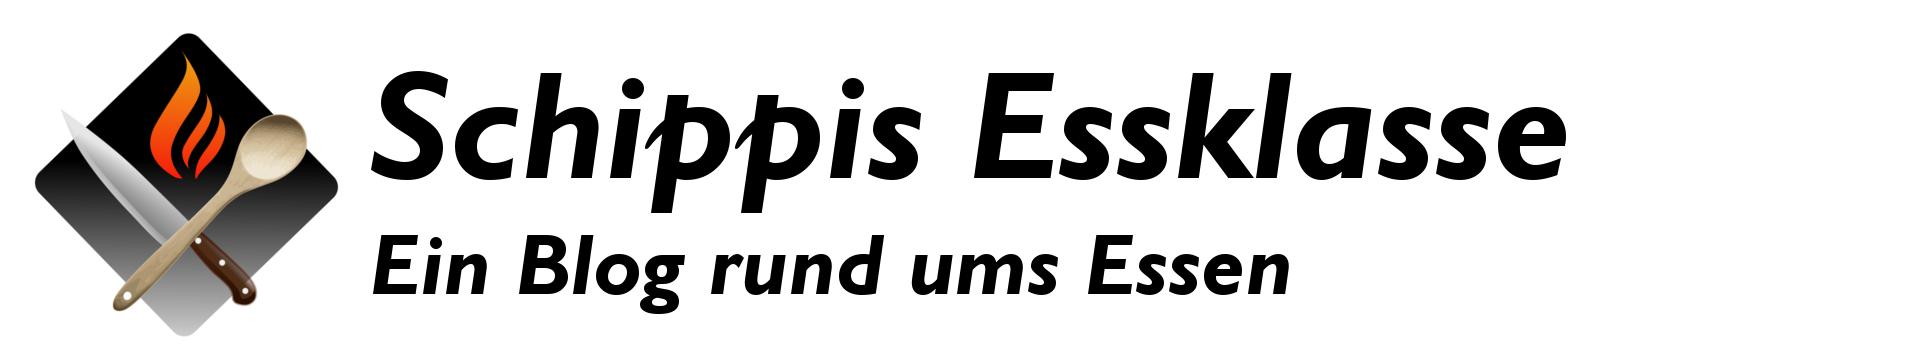 Schippi's Essklasse